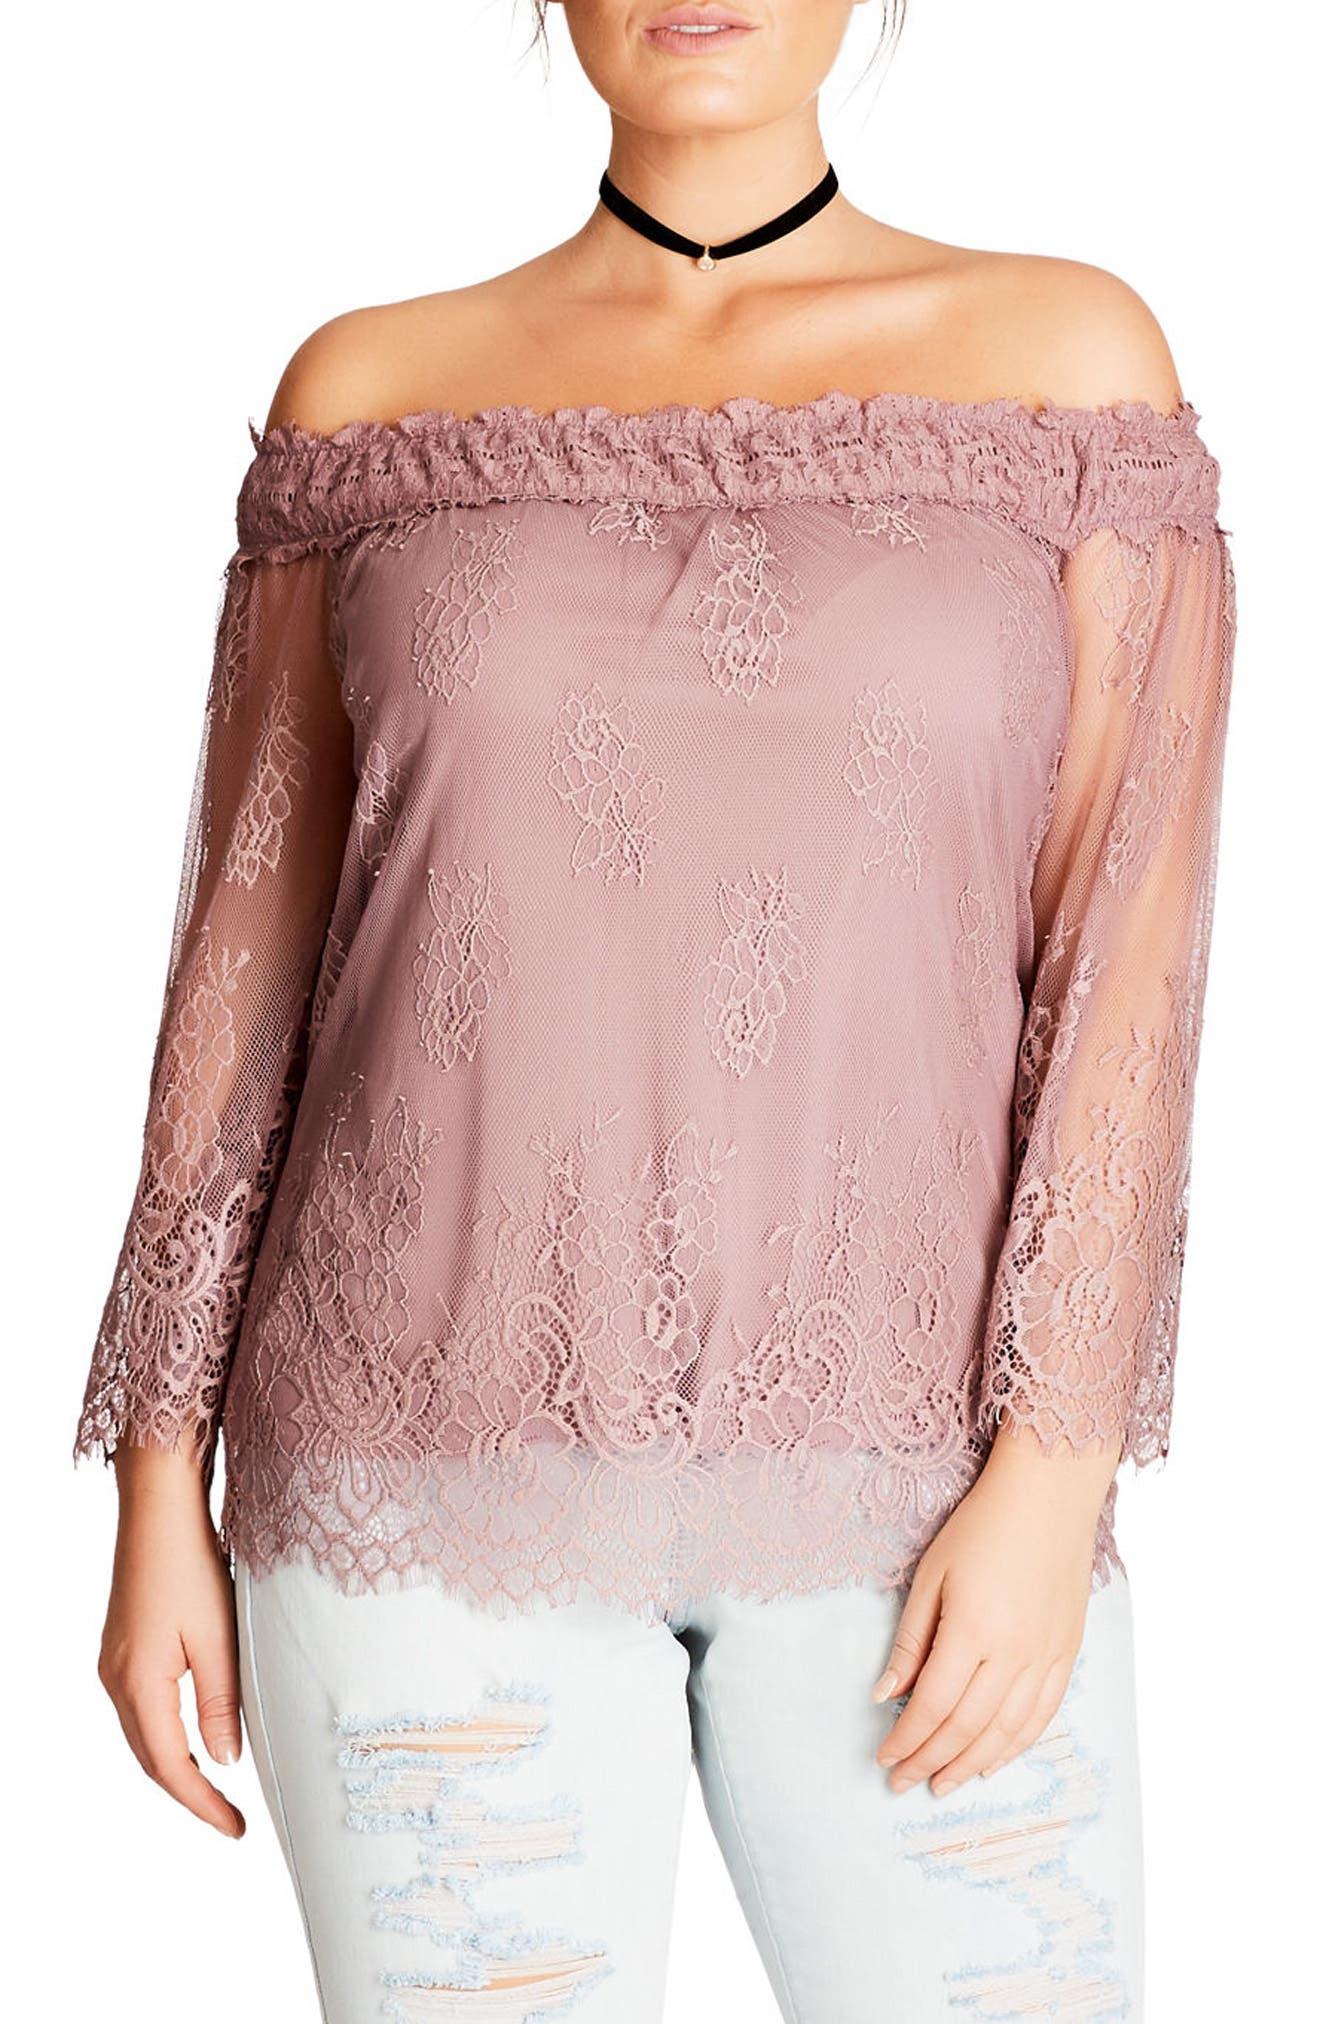 City Chic Soft Lace Off the Shoulder Top (Plus Size)